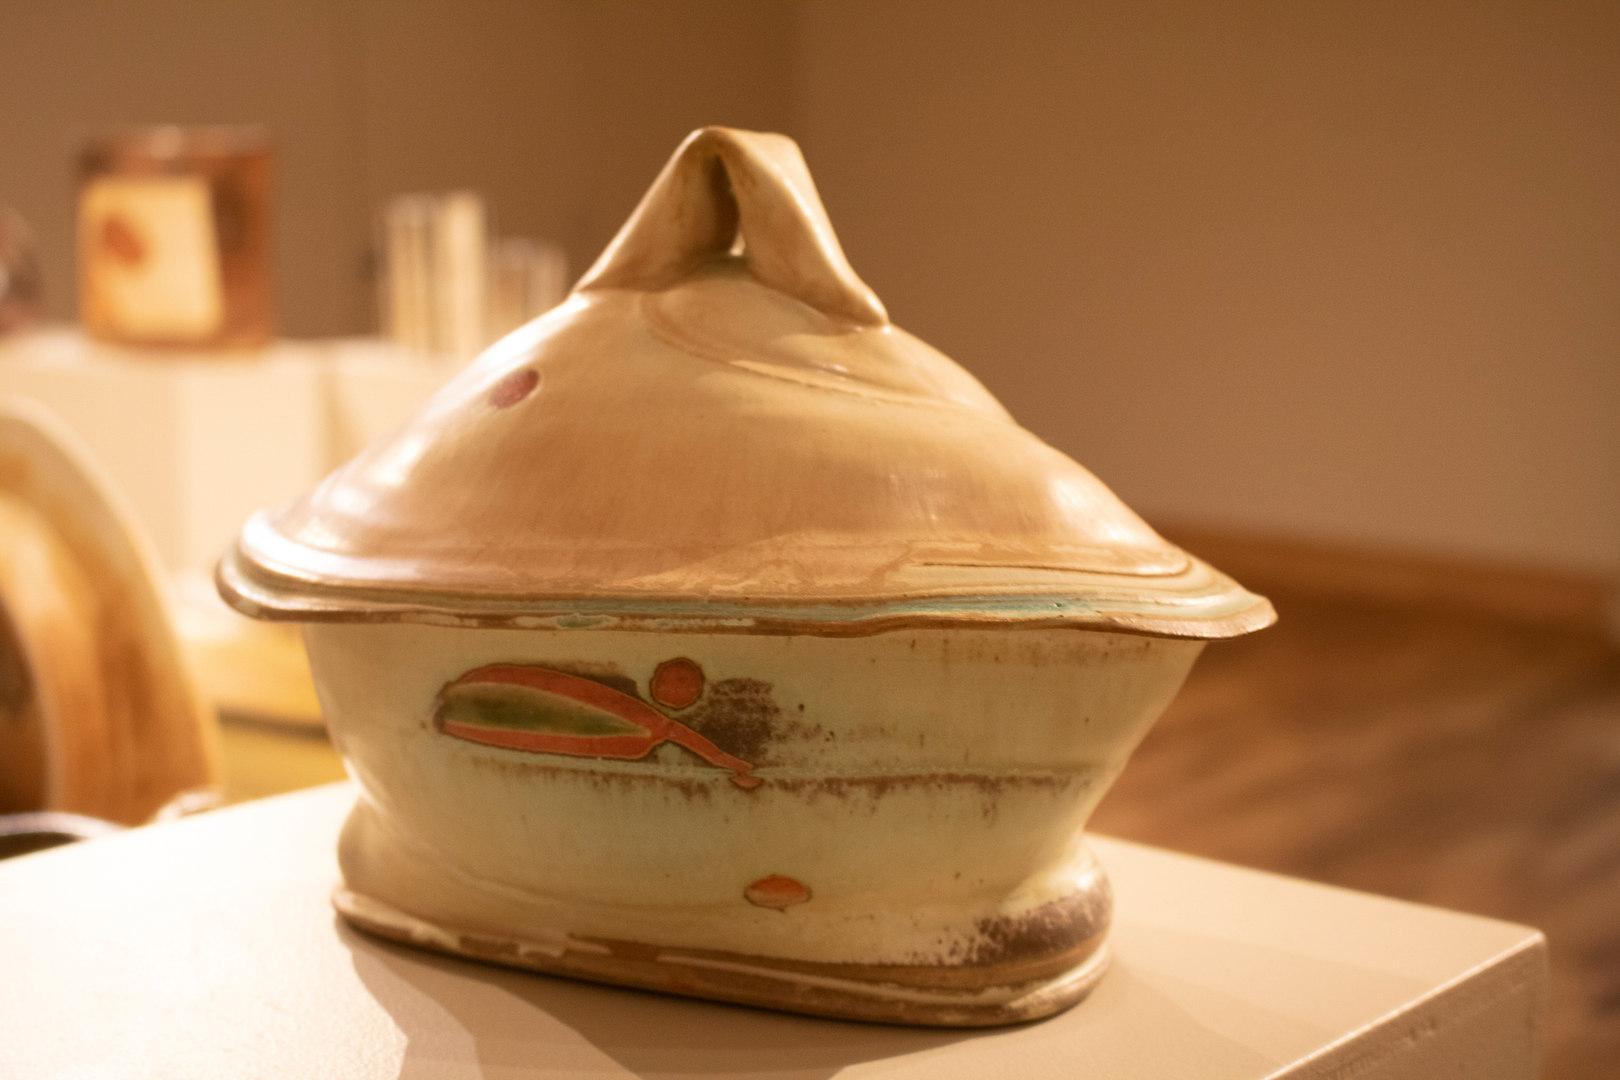 Pottery by Nick Joerling